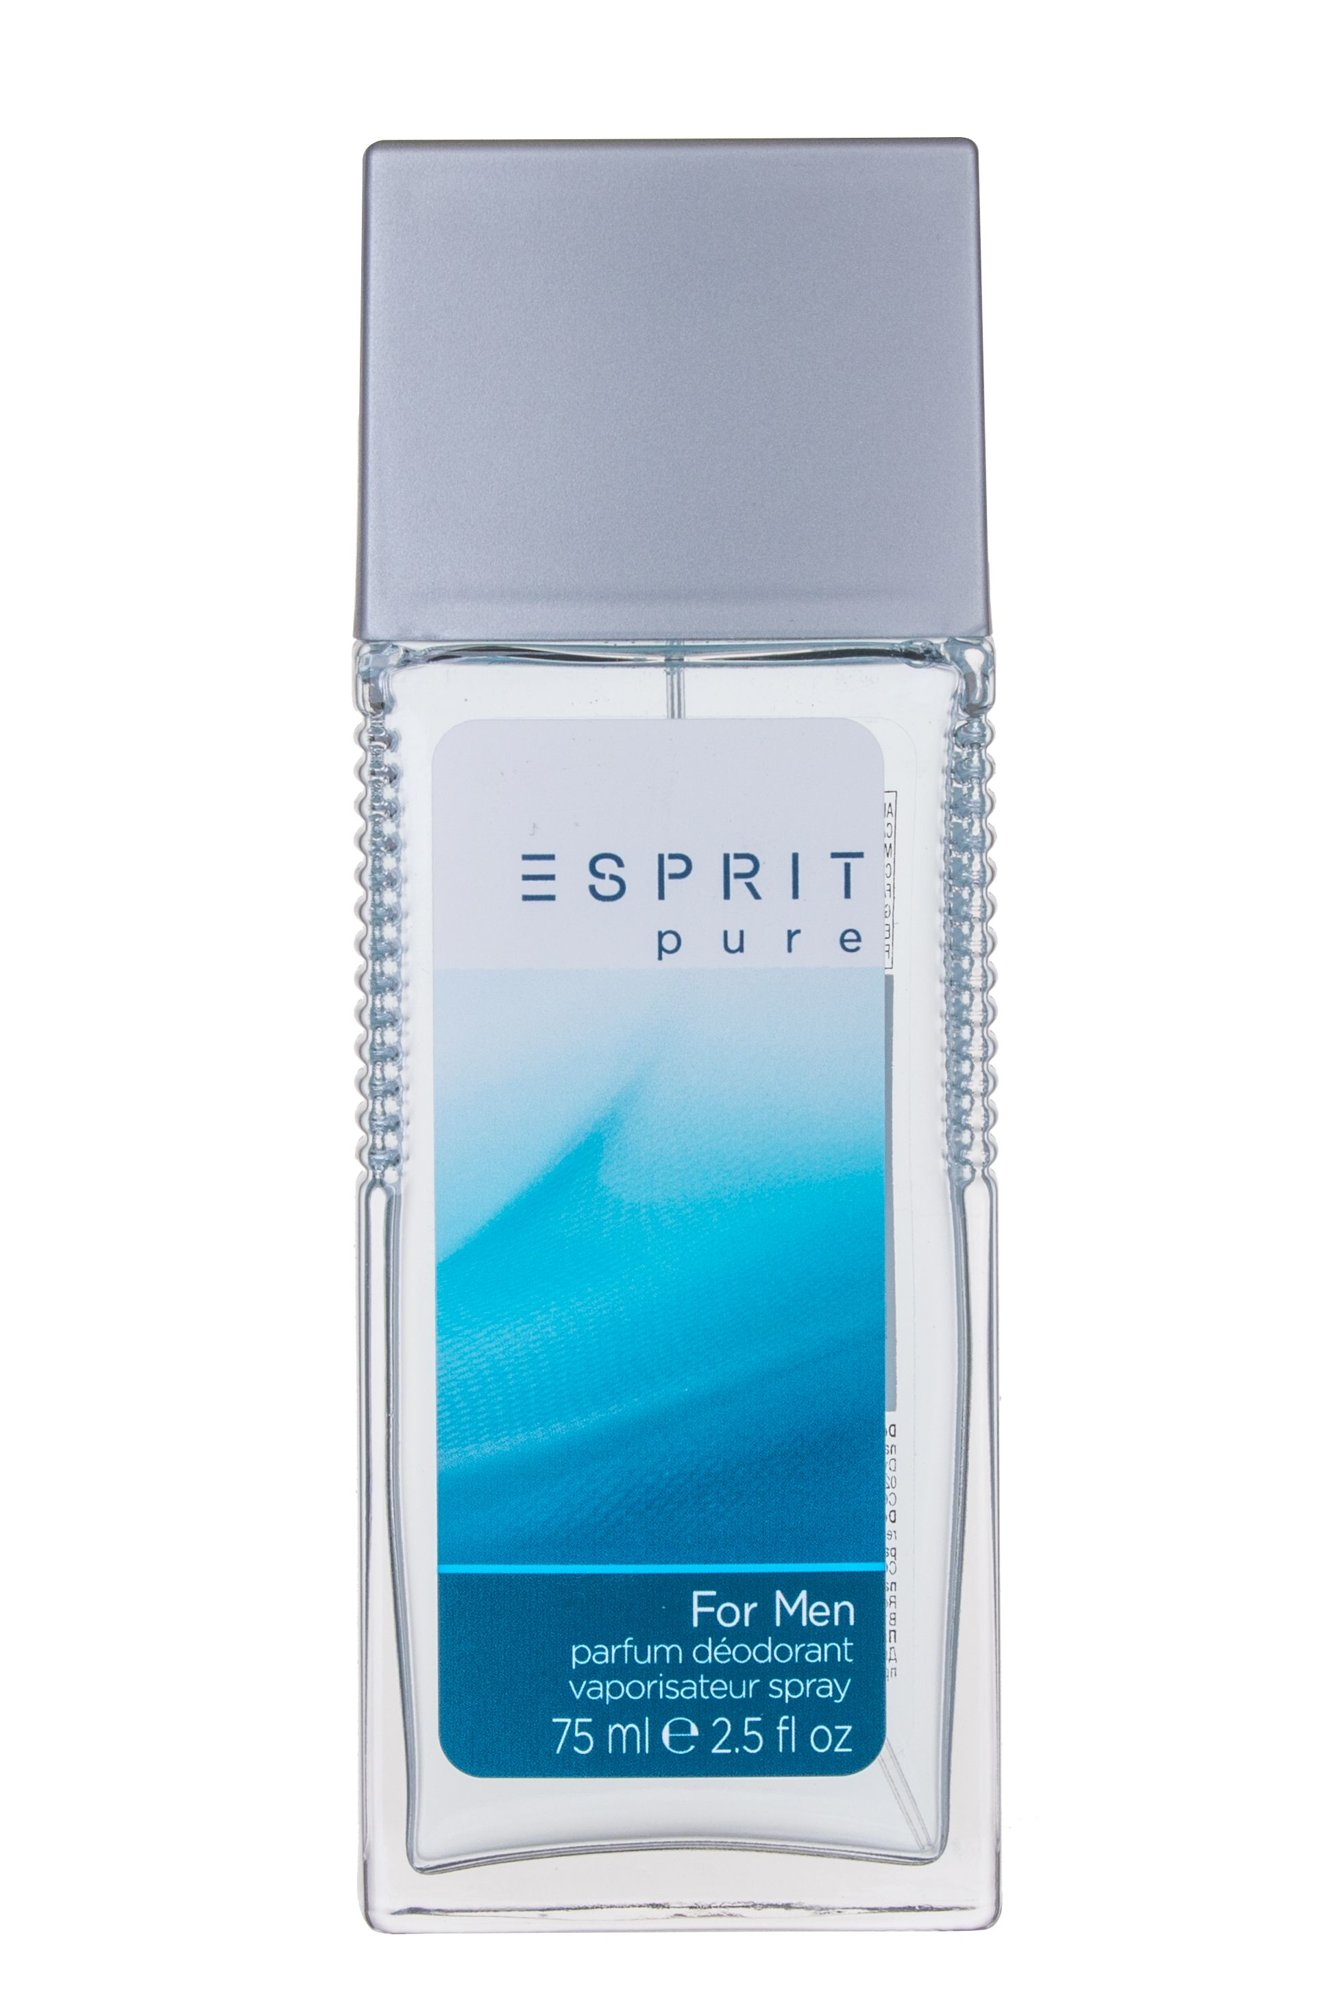 Esprit Pure For Men Deodorant 75ml